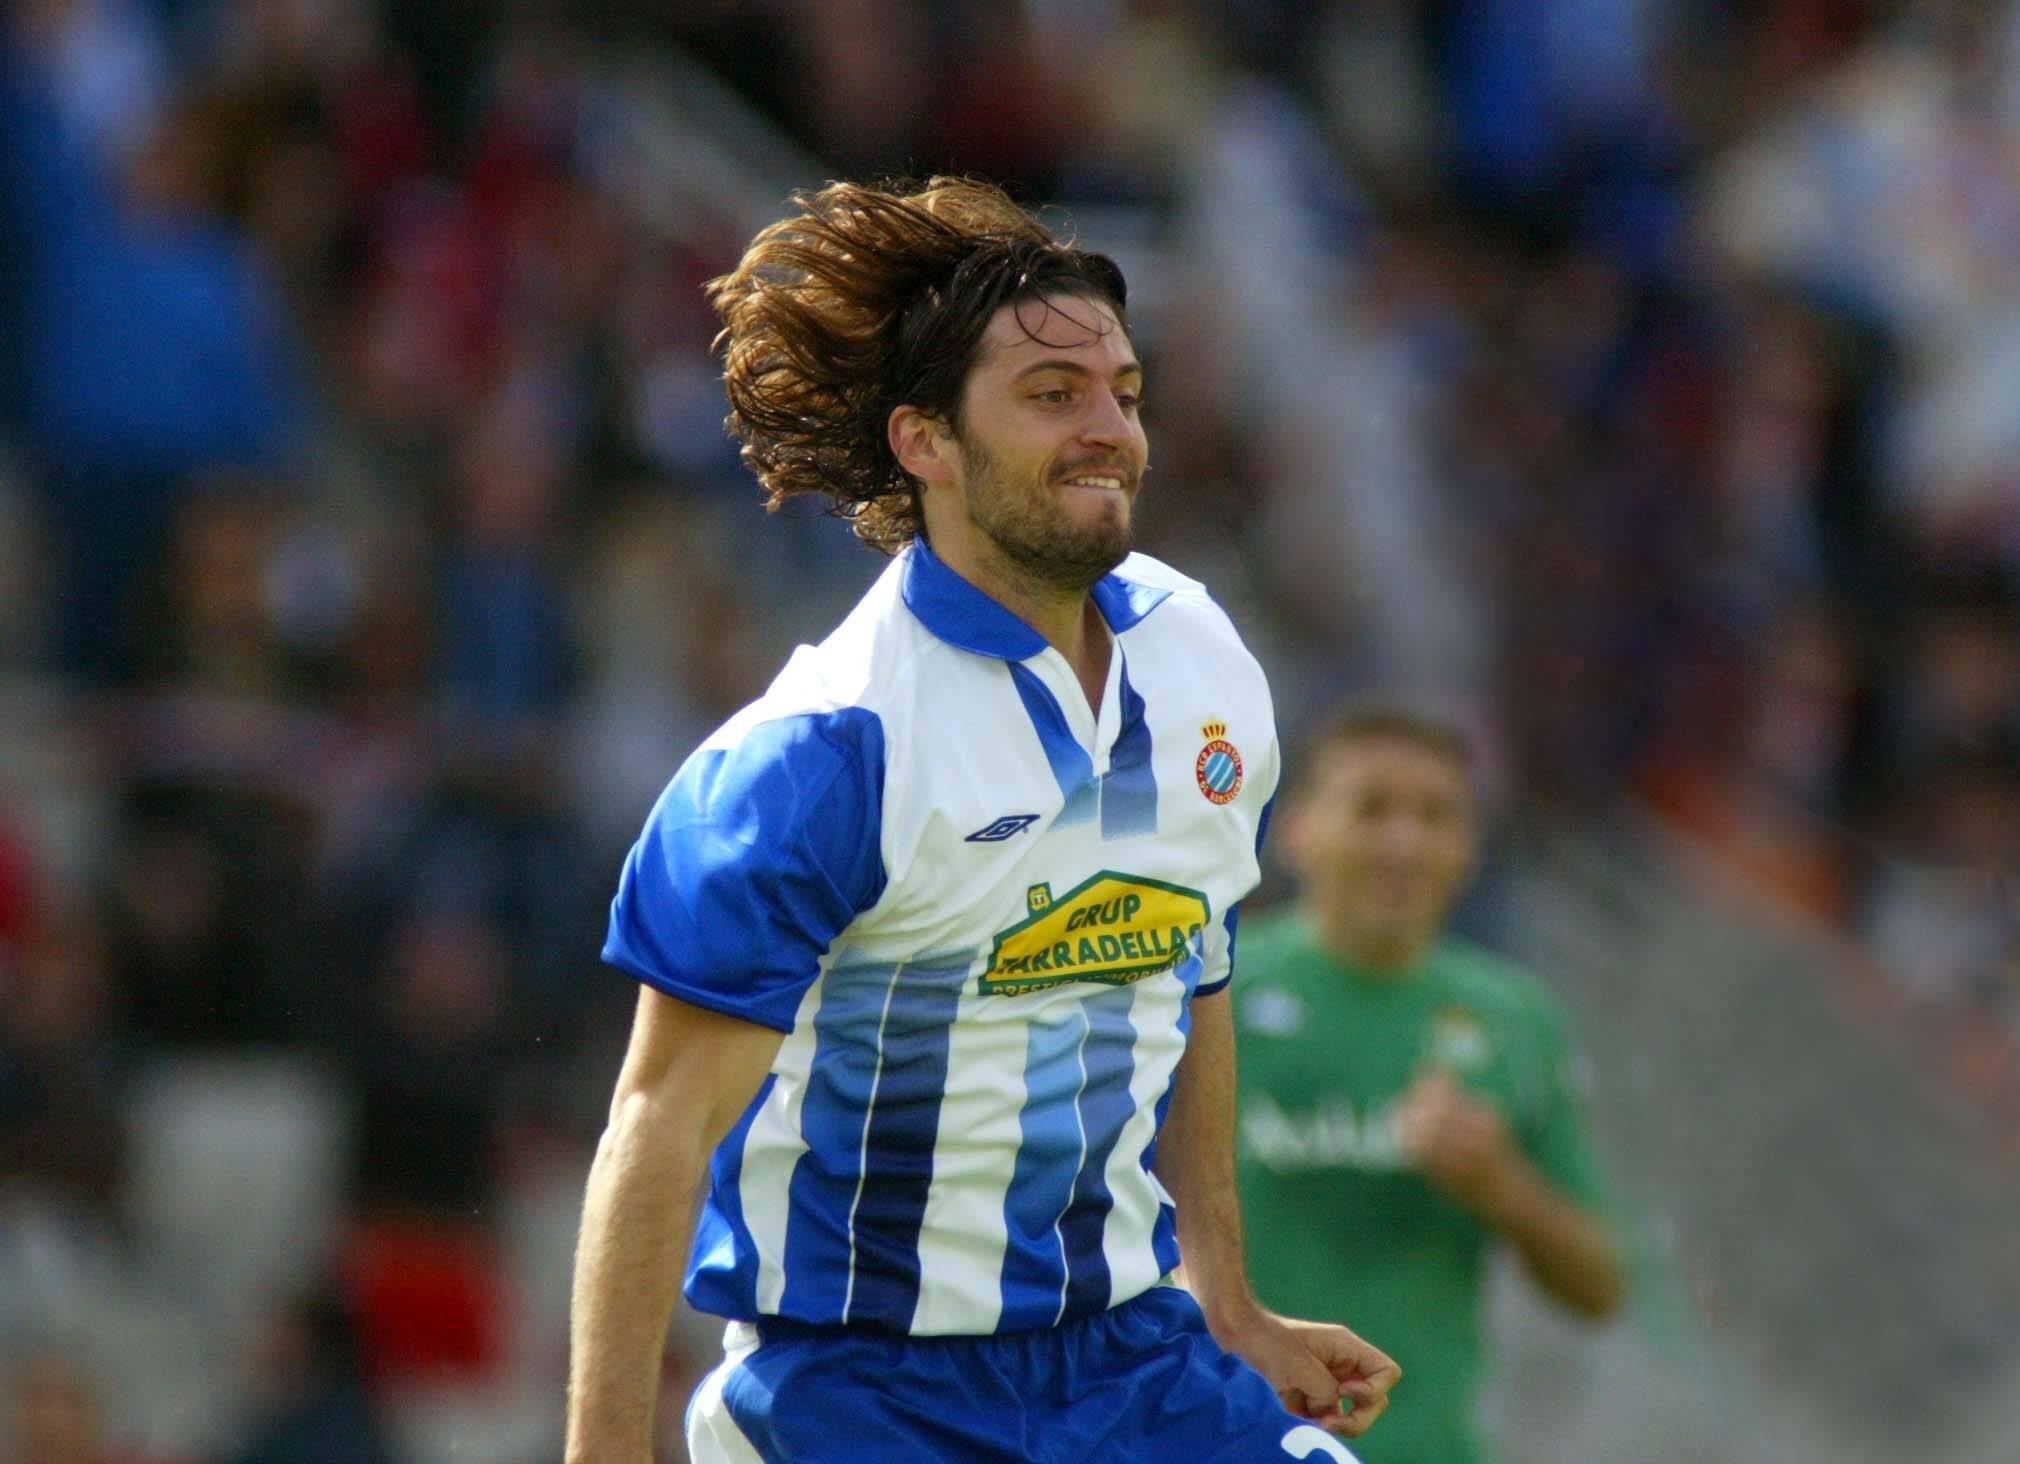 Dani Jarque, do Espanyol, foi encontrado morto no hotel da sua equipe, em 2009. Foto: Getty Images